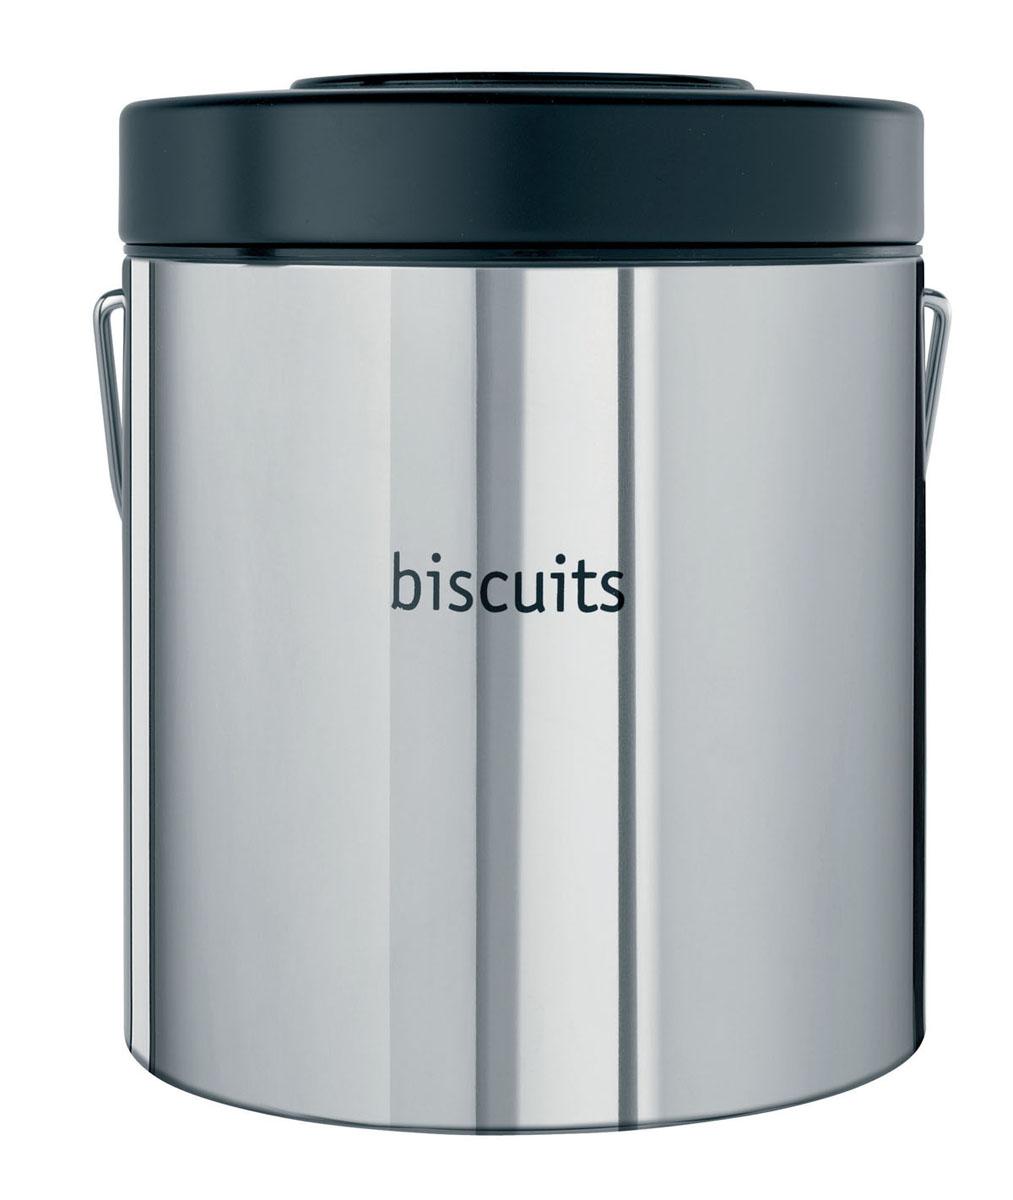 Контейнер для продуктов Brabantia. Печенье, 3,5 л160301Контейнер для продуктов Brabantia изготовлен из антикоррозийной стали с зеркальной полировкой. Внешняя стенка контейнера оформлена надписью Biscuits (Печенье). Внутренняя поверхность контейнера и крышка выполнены из пластика. На крышке расположена влаговпитывающая капсула с фиксатором даты, который всегда напомнит, когда в последний раз сушили капсулу в данном контейнере. Влаговпитывающую капсулу рекомендуется периодически сушить в нагретой духовке в течение короткого времени. Для удобной переноски у контейнера имеется прочная стальная ручка.